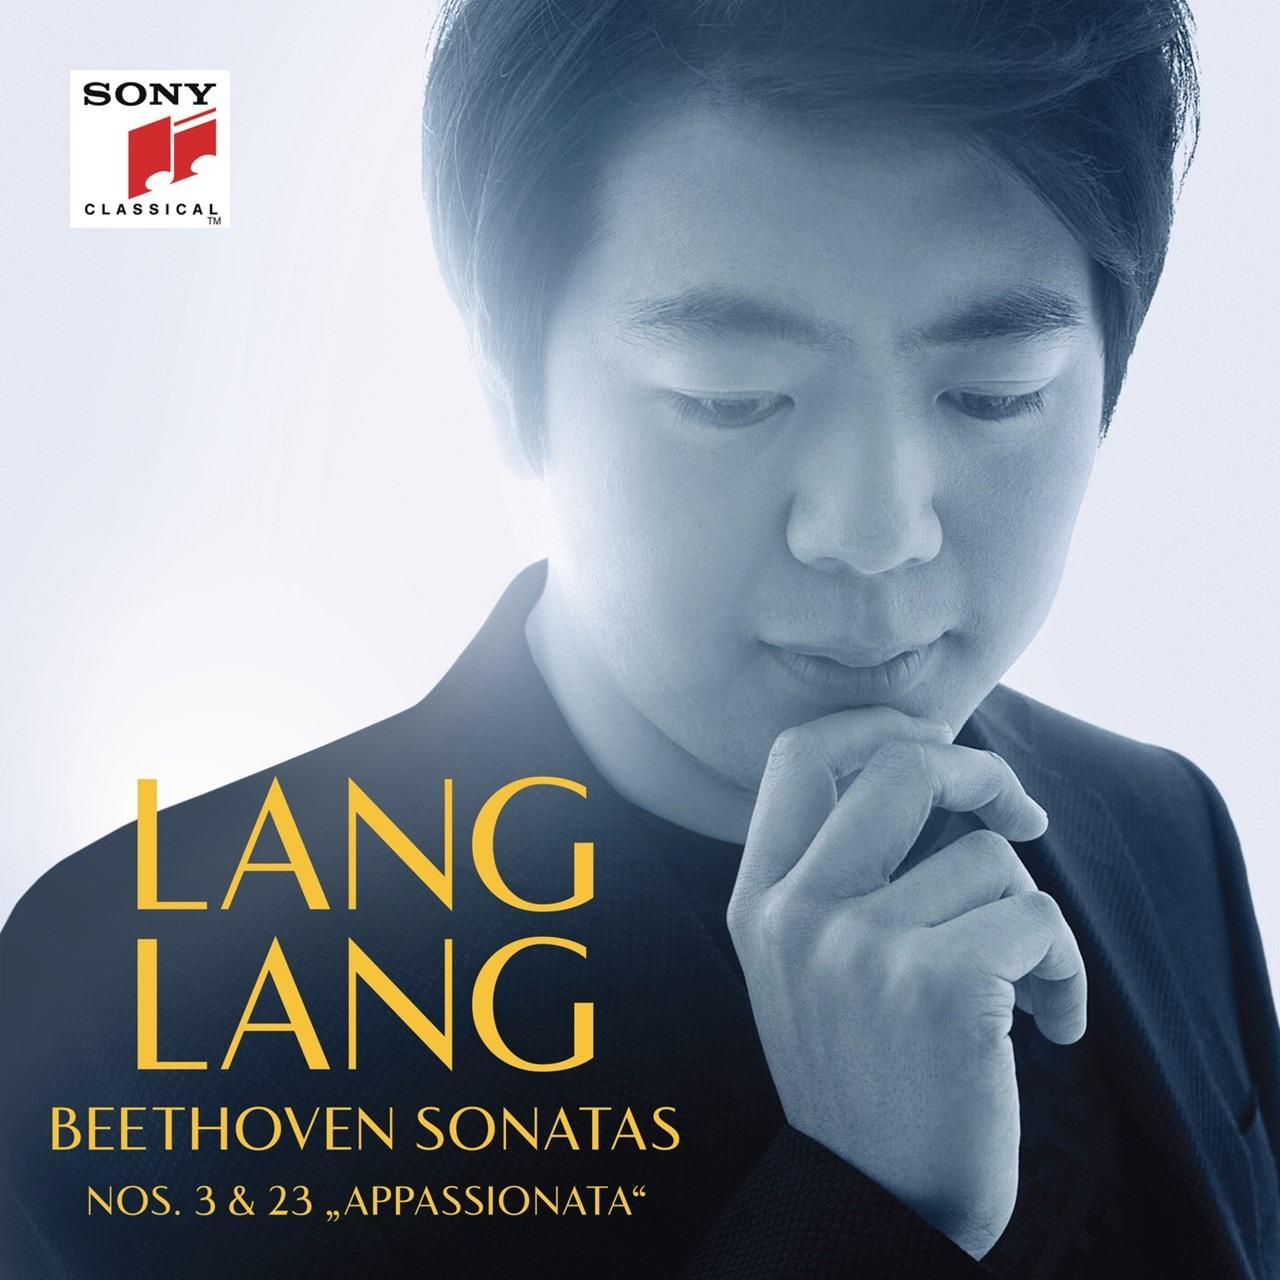 Lang Lang: Beethoven Sonatas: Nos. 3 & 23, 'Appassionata' - 1